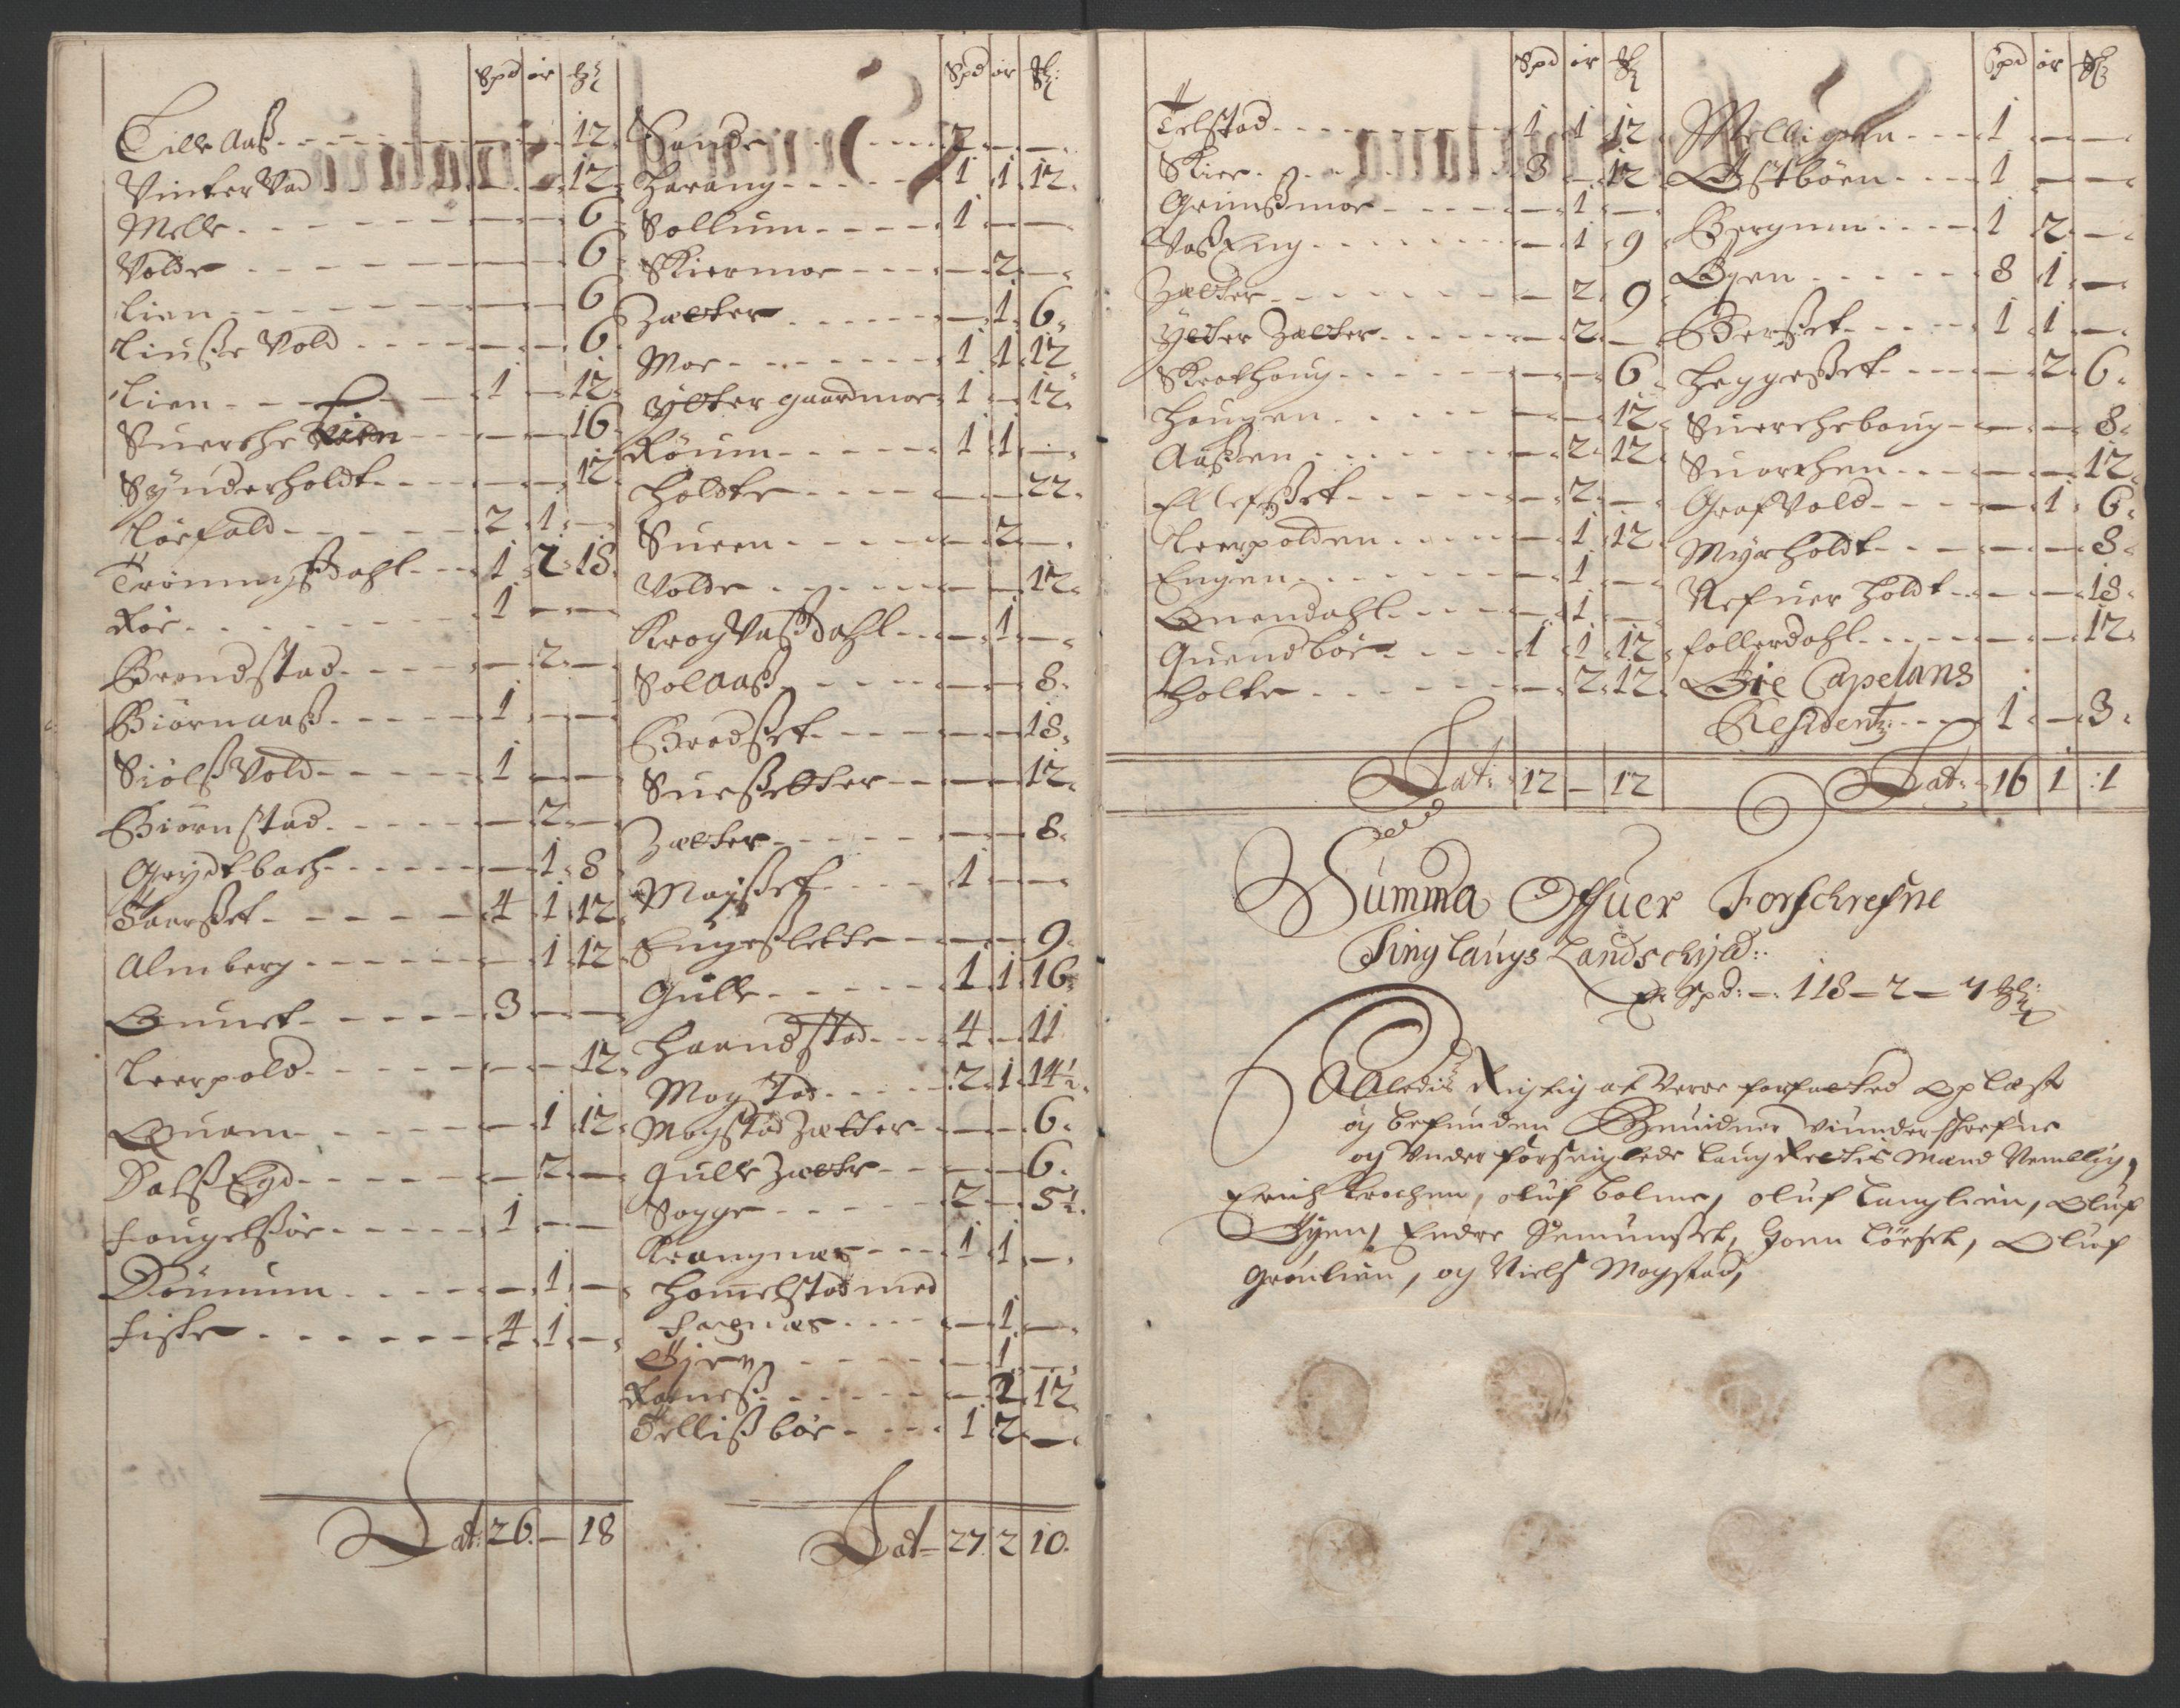 RA, Rentekammeret inntil 1814, Reviderte regnskaper, Fogderegnskap, R56/L3734: Fogderegnskap Nordmøre, 1690-1691, s. 379